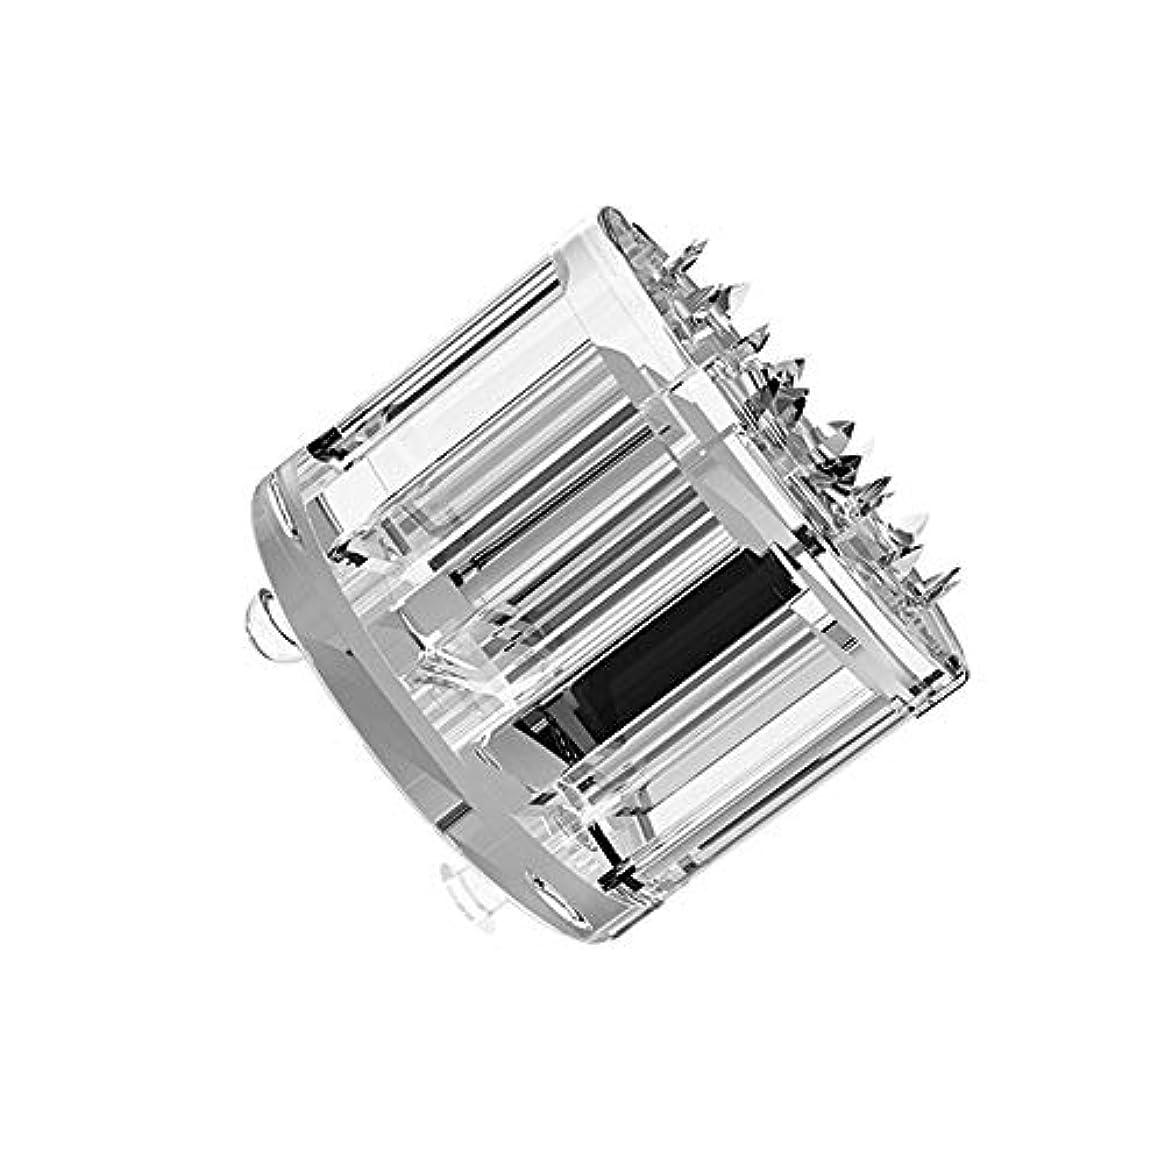 根絶する襲撃同封するMTS Home Care Micro pin-10ea (ticktok用) ティク ホームケア マイクロピン 化粧品の浸透 コラーゲン 肌の弾力 アップ マイクロピン 毛穴や小じわ 角質ケア